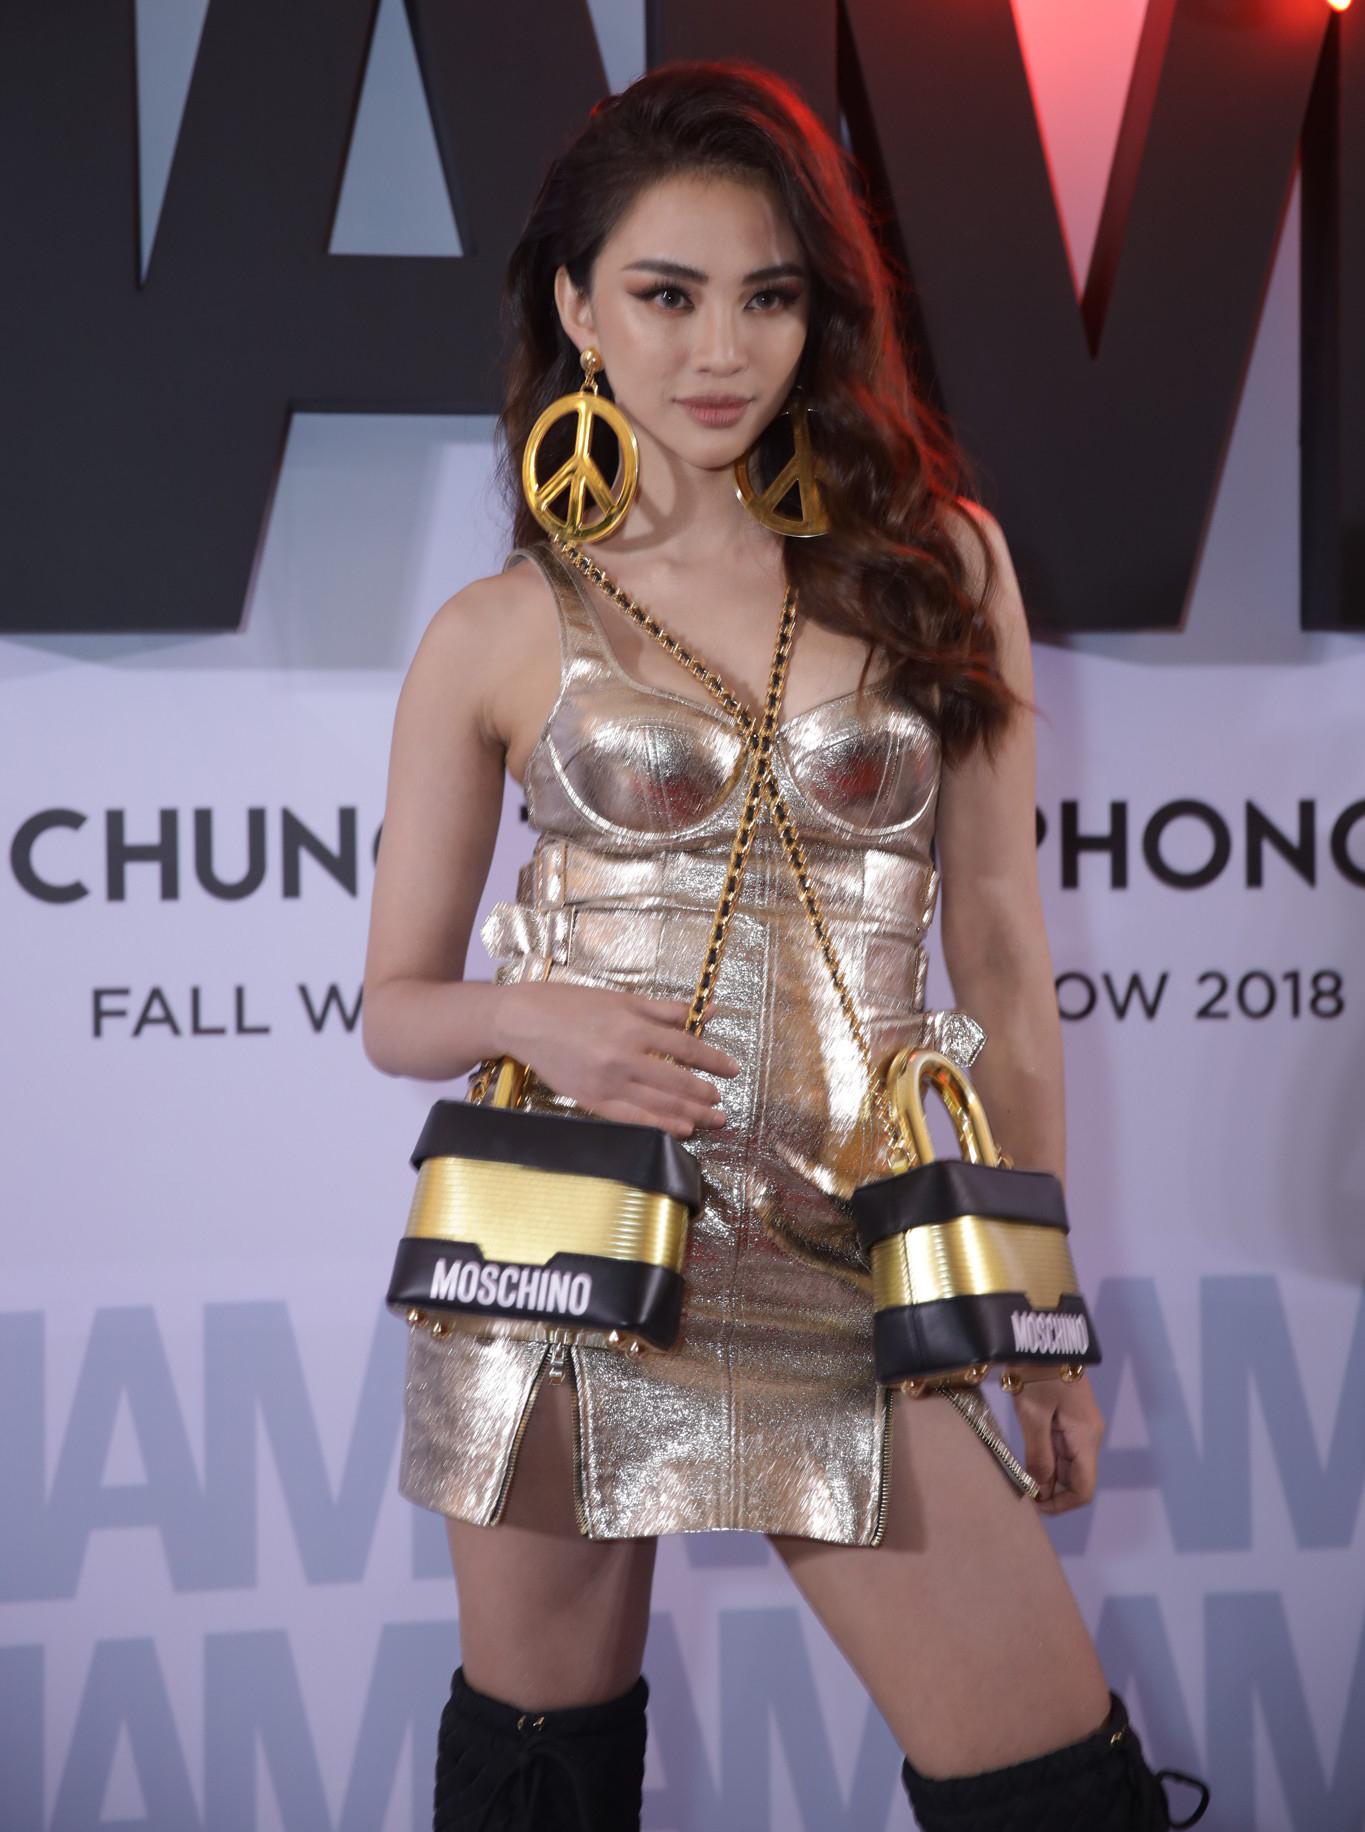 Thảm đỏ show Chung Thanh Phong: Khi dàn sao nữ đồng loạt lên đồ như dự lễ hội Halloween - Ảnh 12